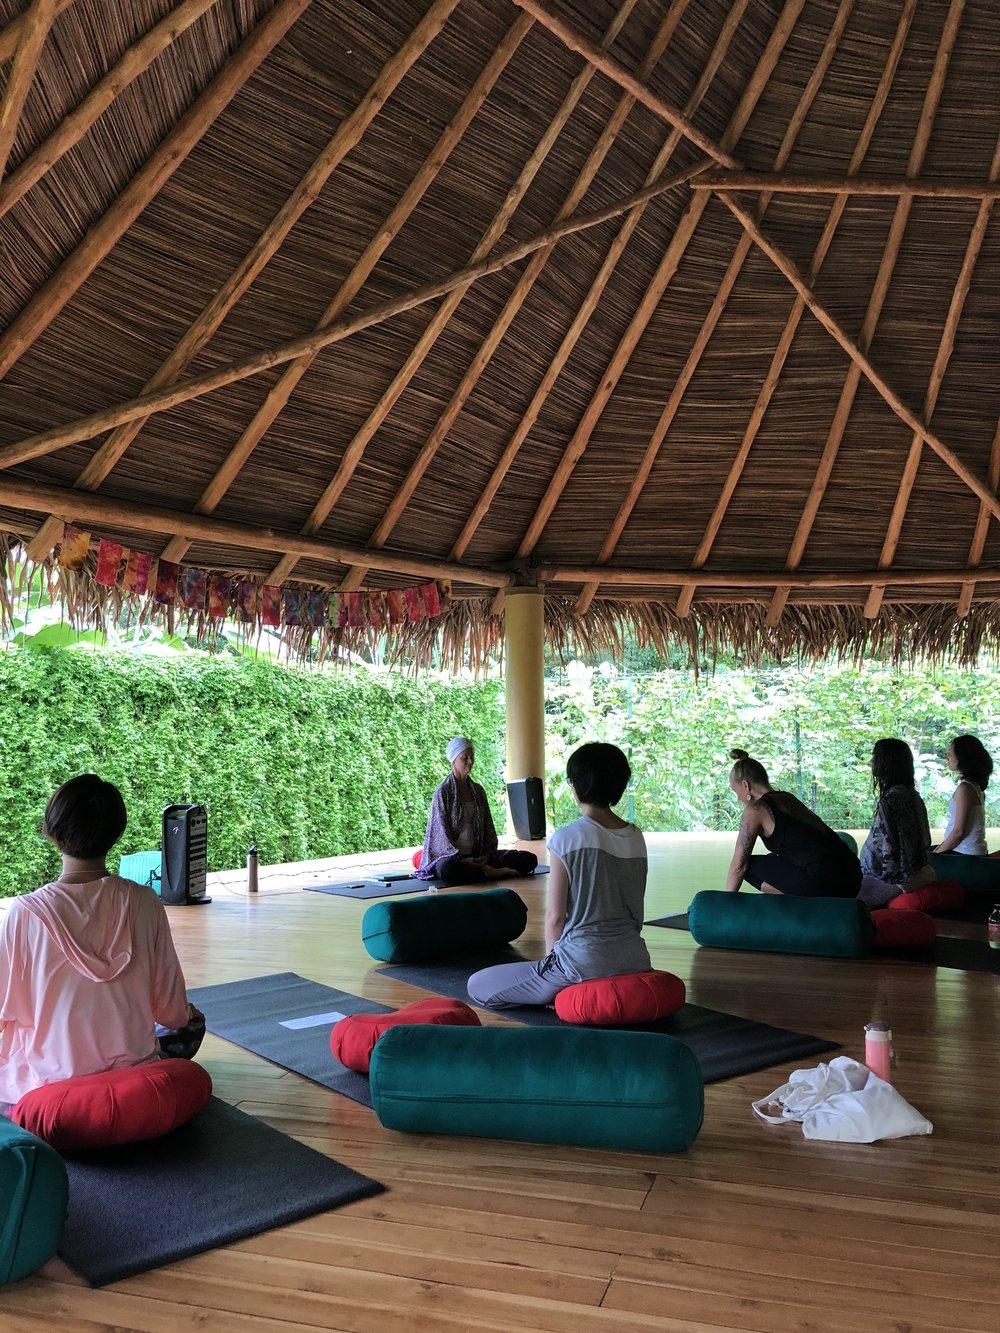 クンダリーニ・ヨガのクラス。新しくできた、Buena Vibra Community Yogaのスタジオにて。呼吸と瞑想と動きによって、それぞれの中の光を高め、濁ったエネルギーを浄化させ、宇宙の光ともつながっていくクンダリーニ・ヨガ。パワフル!